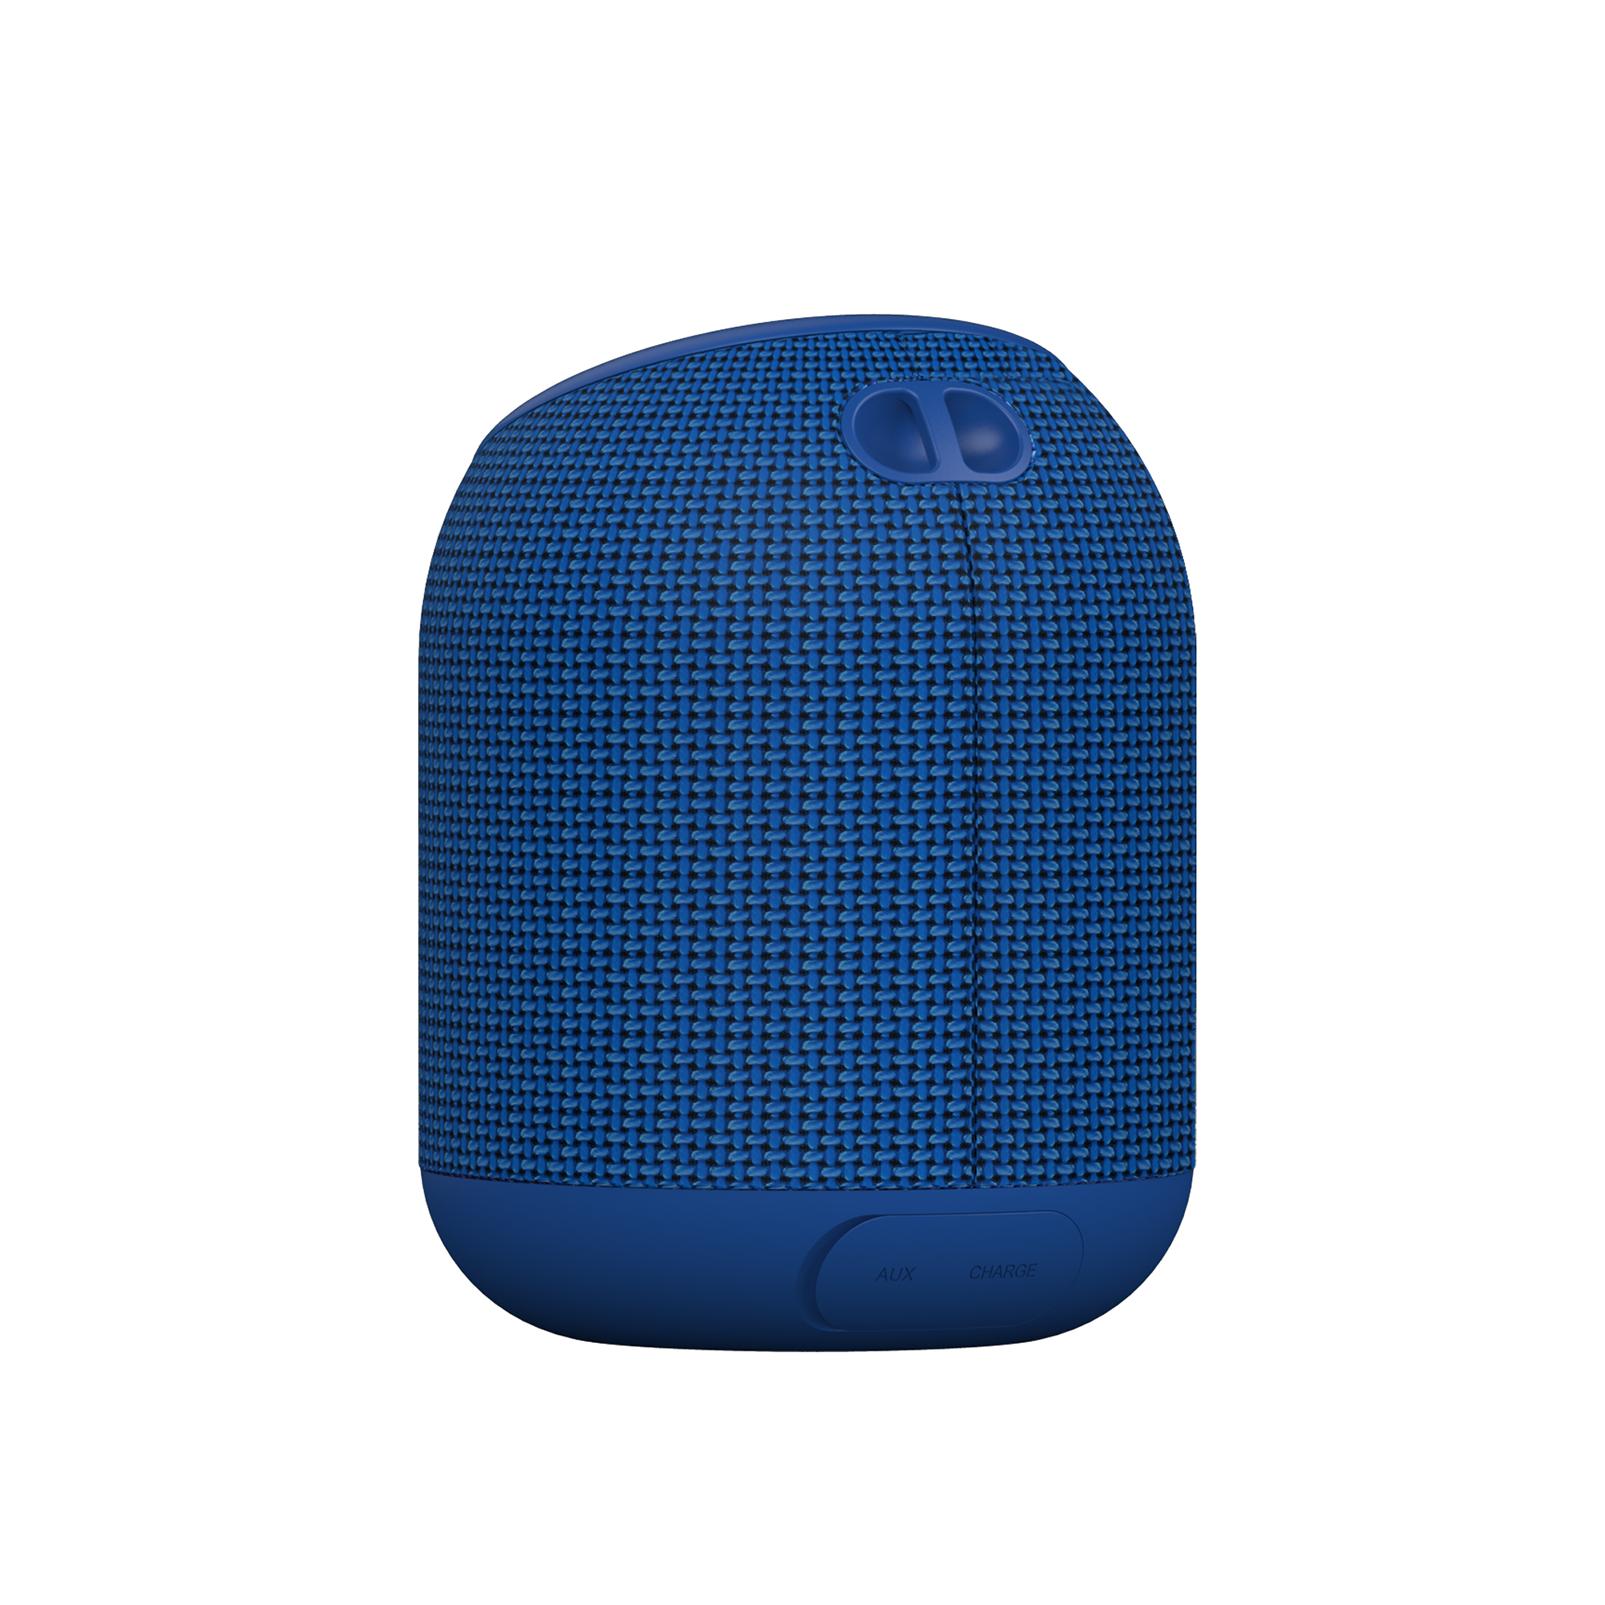 INFINITY FUZE 200 - Blue - Portable Wireless Speakers - Back